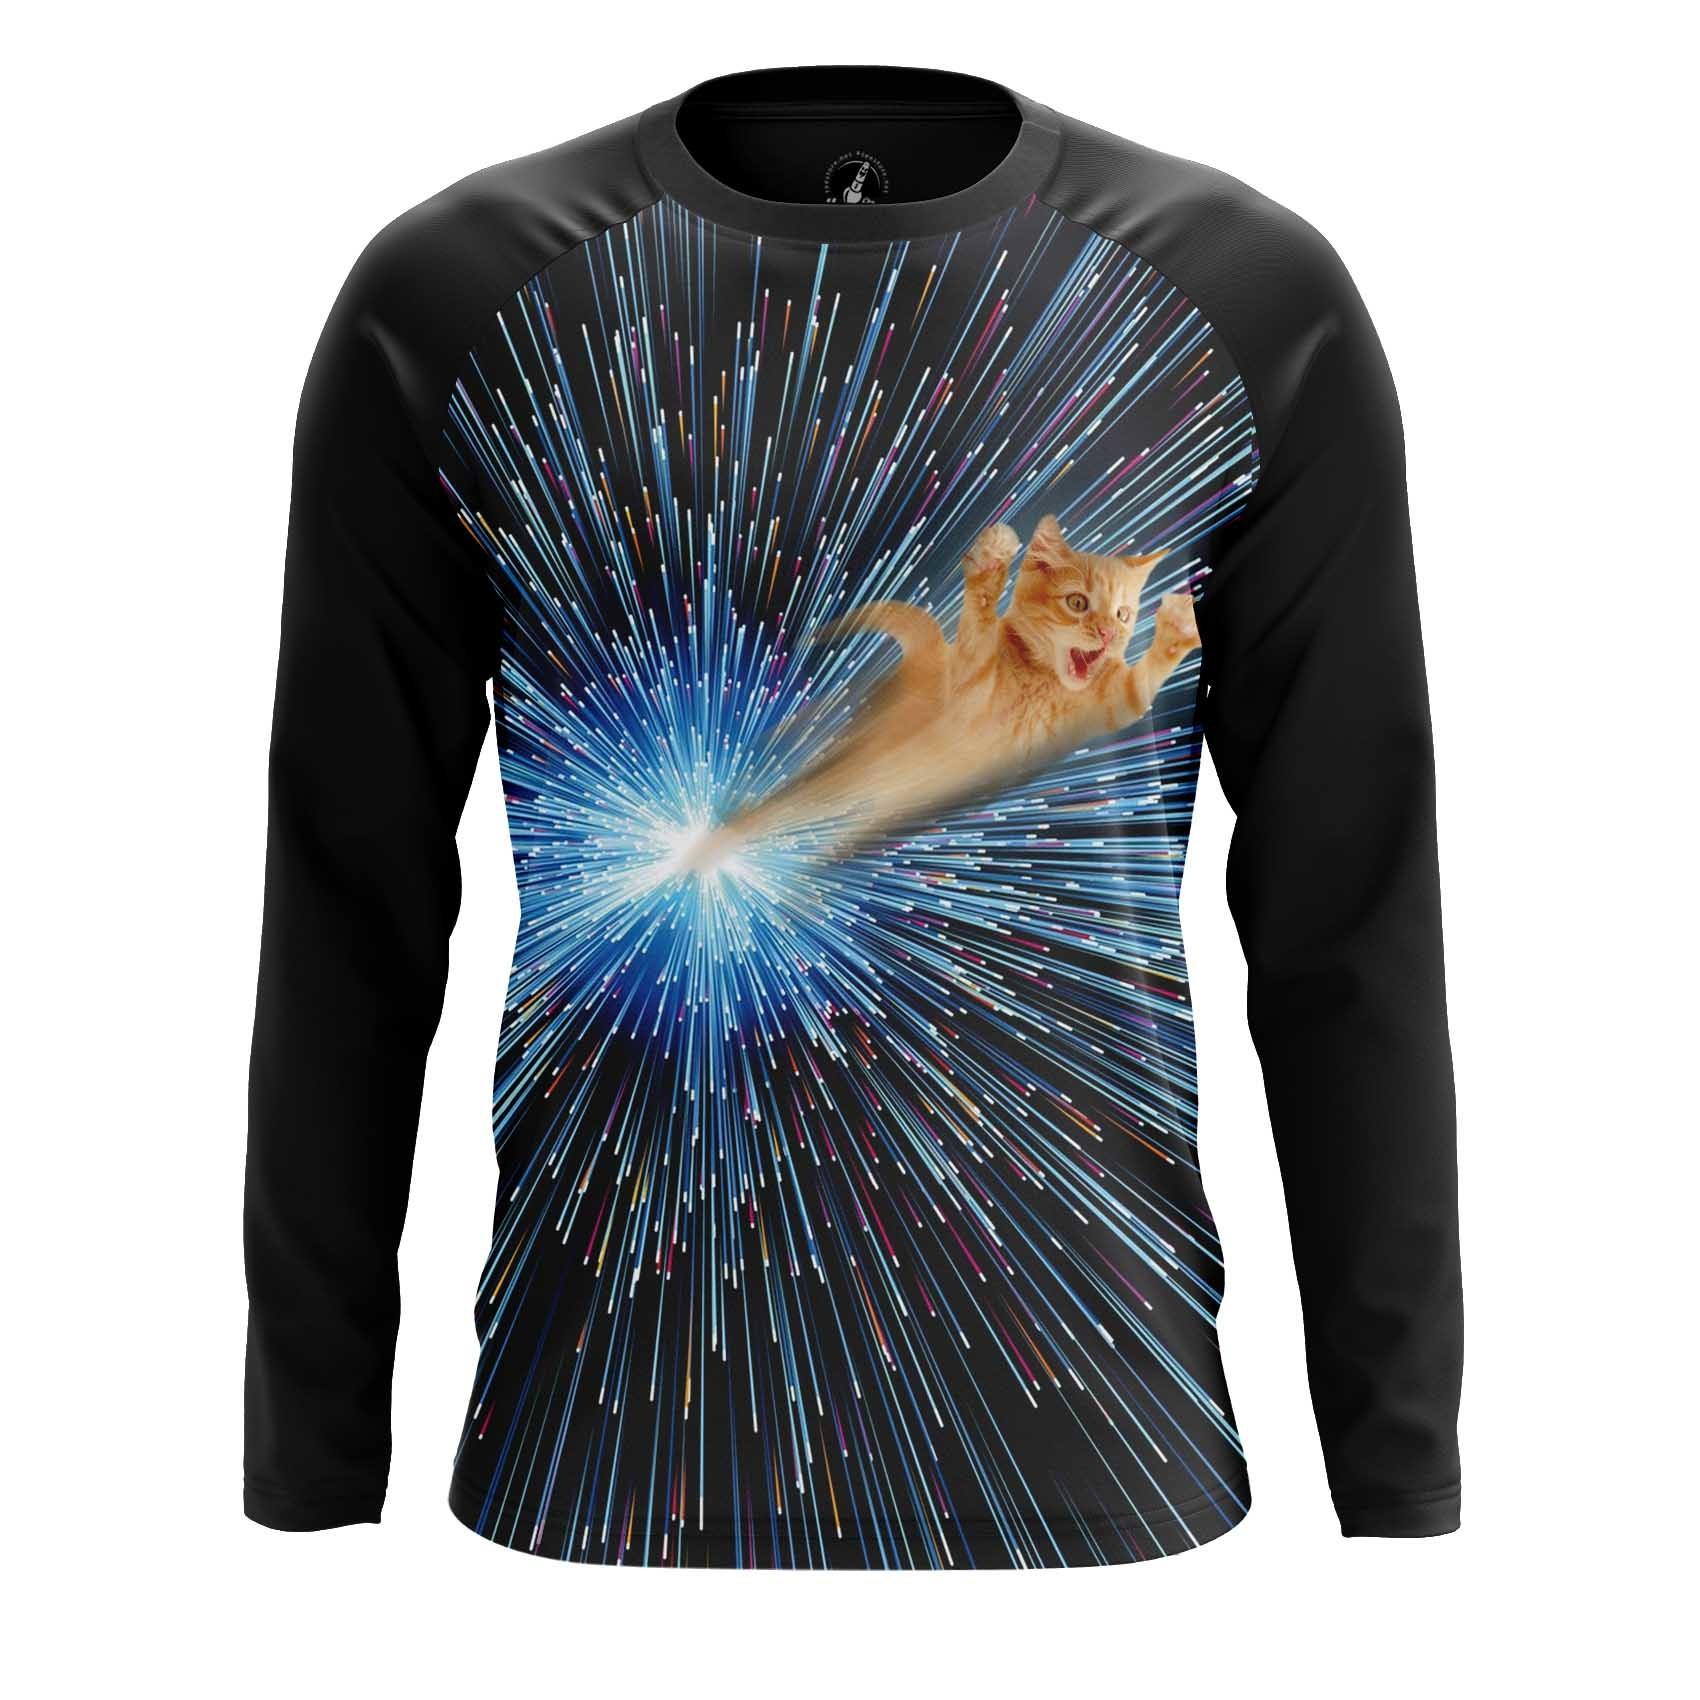 Merchandise Men'S Tank Through Cathole Black Hole Space Fun Cats Vest